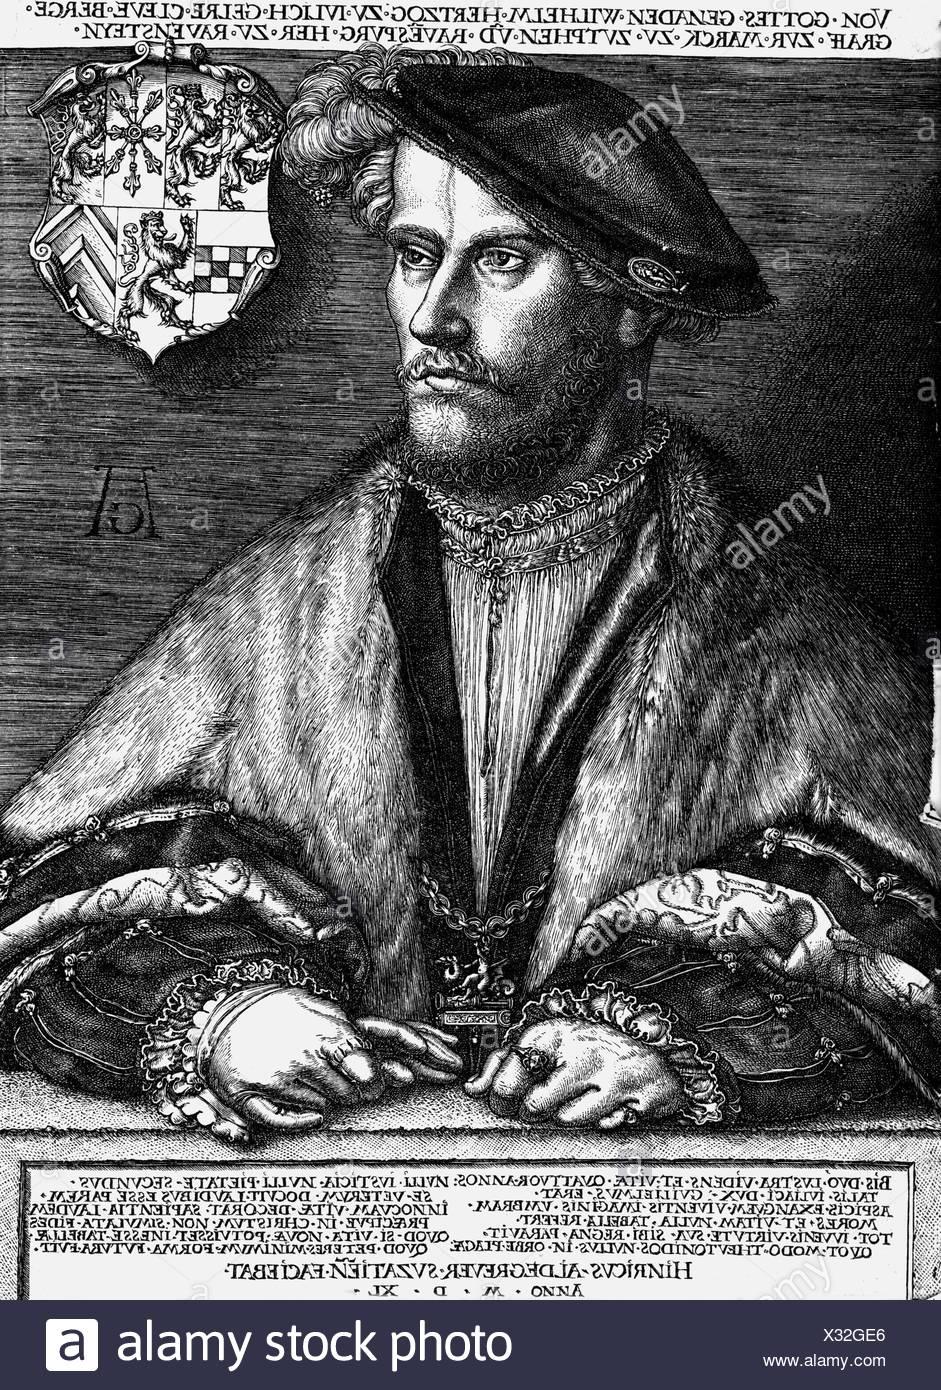 """William V """"die Reichen"""", 28.7.1516 - 5.1.1592, Herzog von Juelich-Kleve-Berg 6.2.1539 - 5.1.1592, halbe Länge, Kupferstich von Heinrich Aldegrever, 1540, Artist's Urheberrecht nicht gelöscht werden Stockbild"""